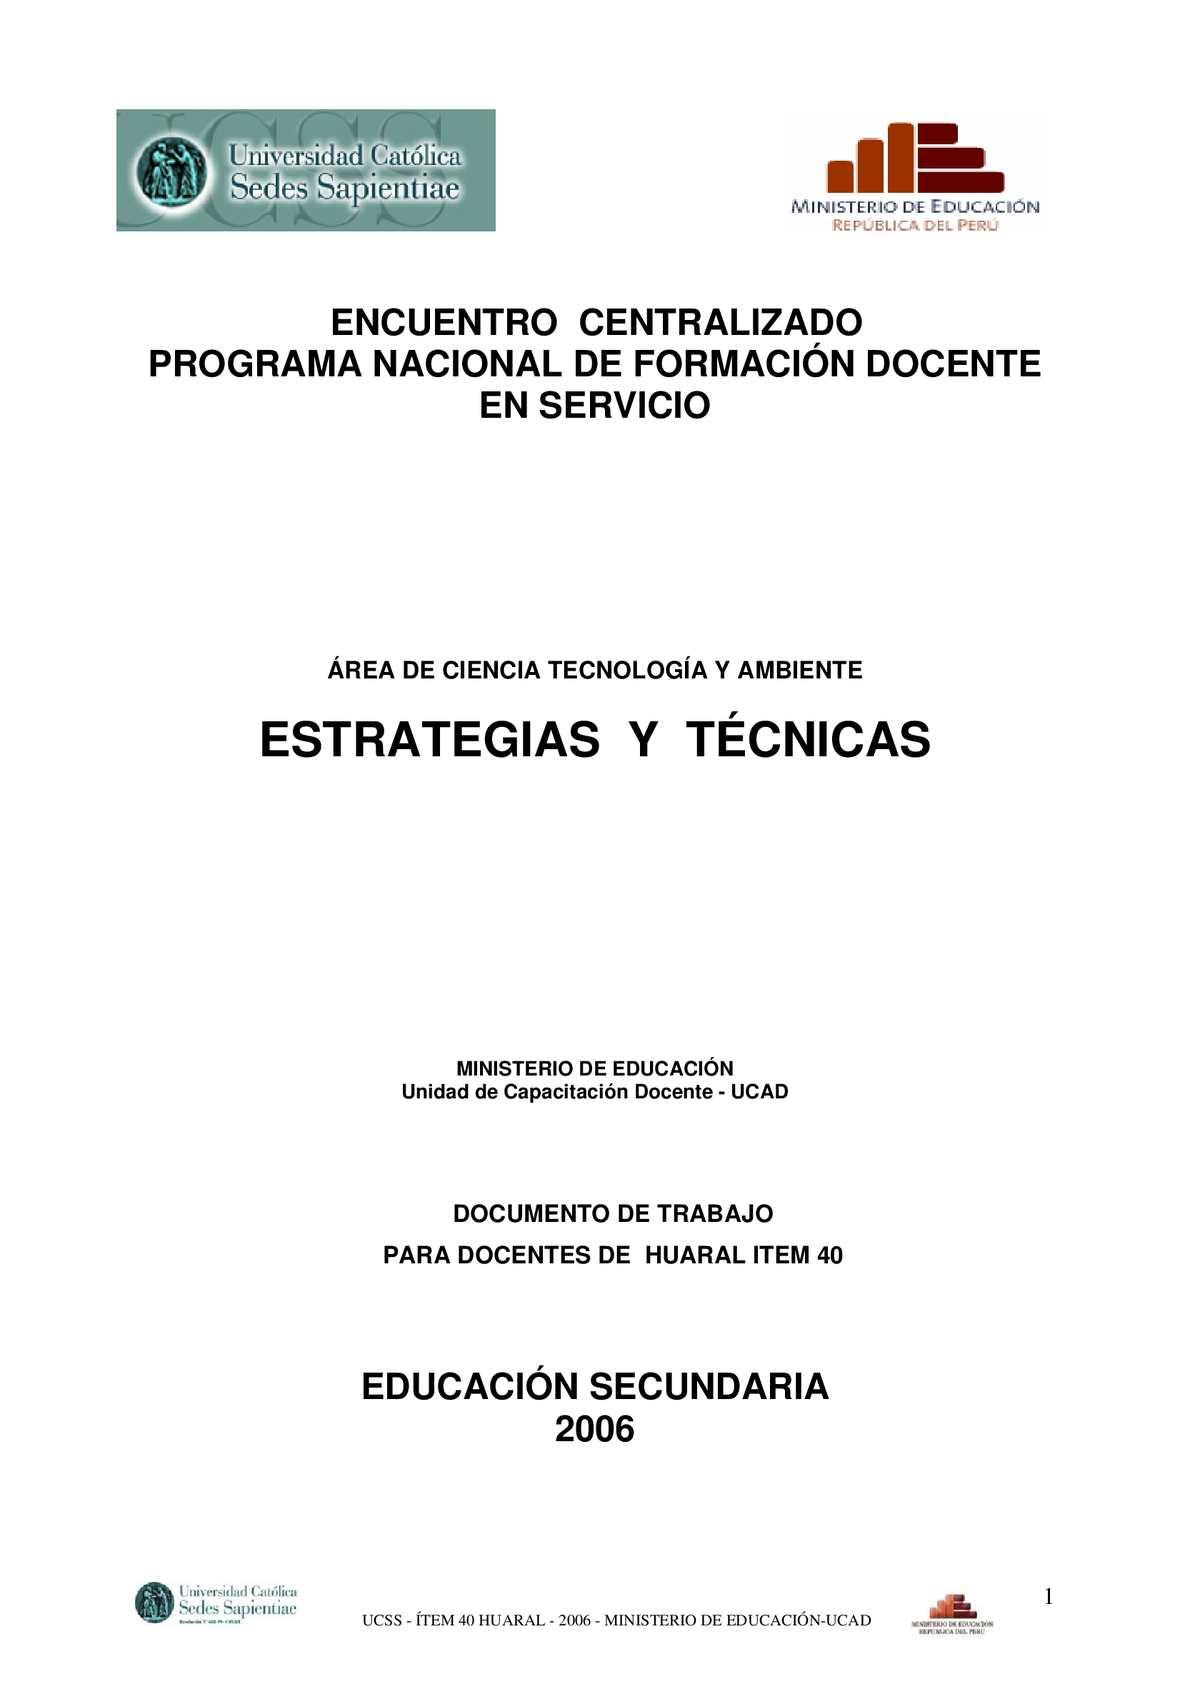 S Ciencia Tecnologia Ambiente 1